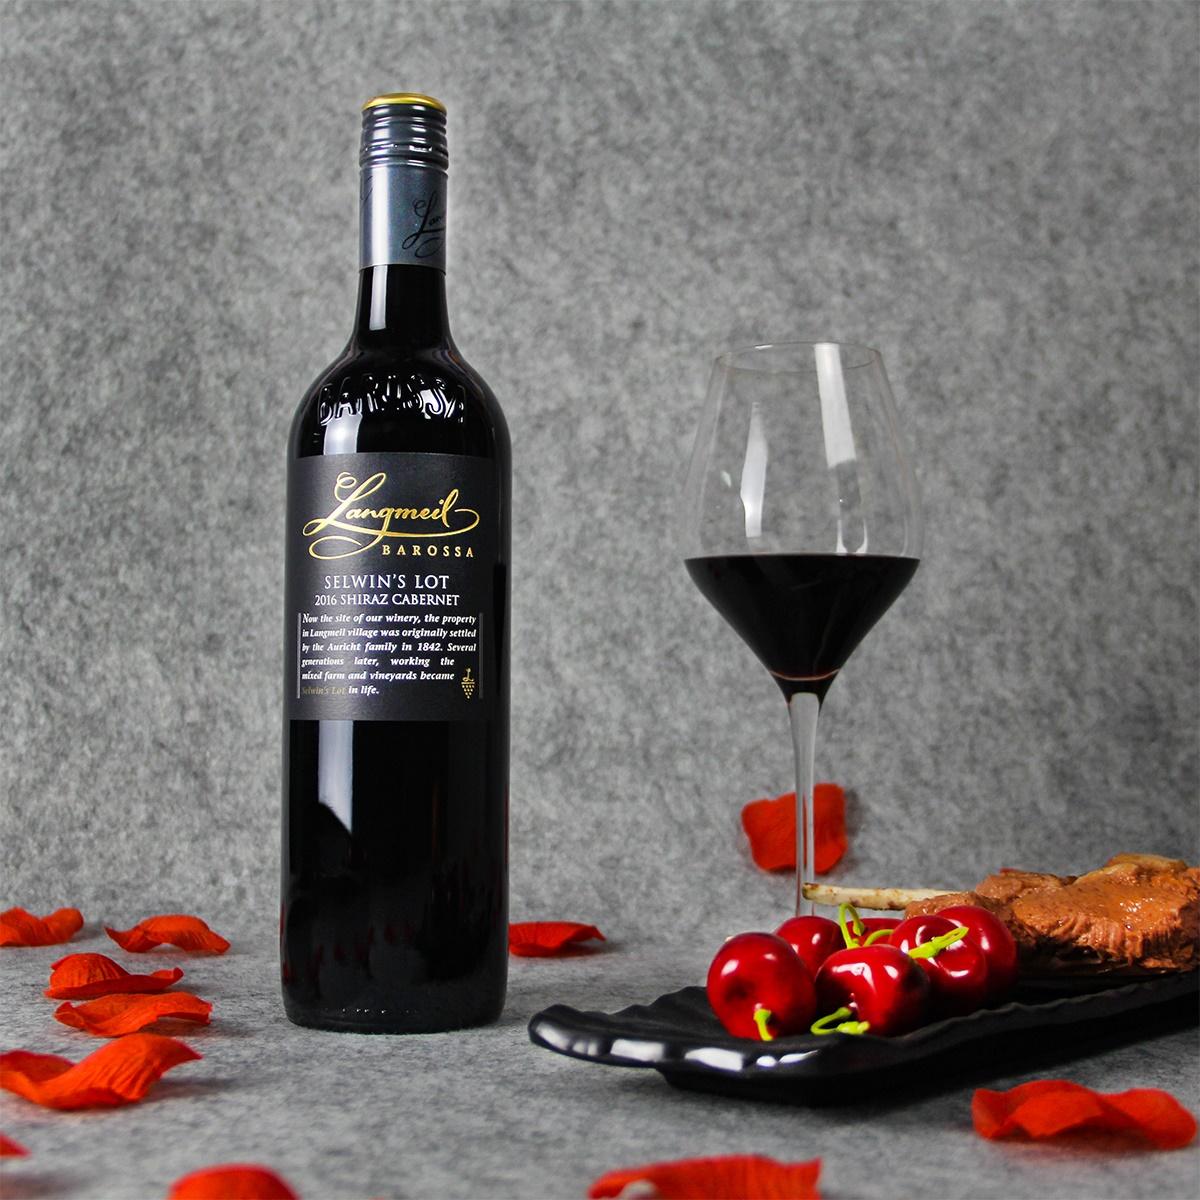 澳大利亚巴罗萨山谷朗美酒庄西拉赤霞珠赛文乐干红葡萄酒